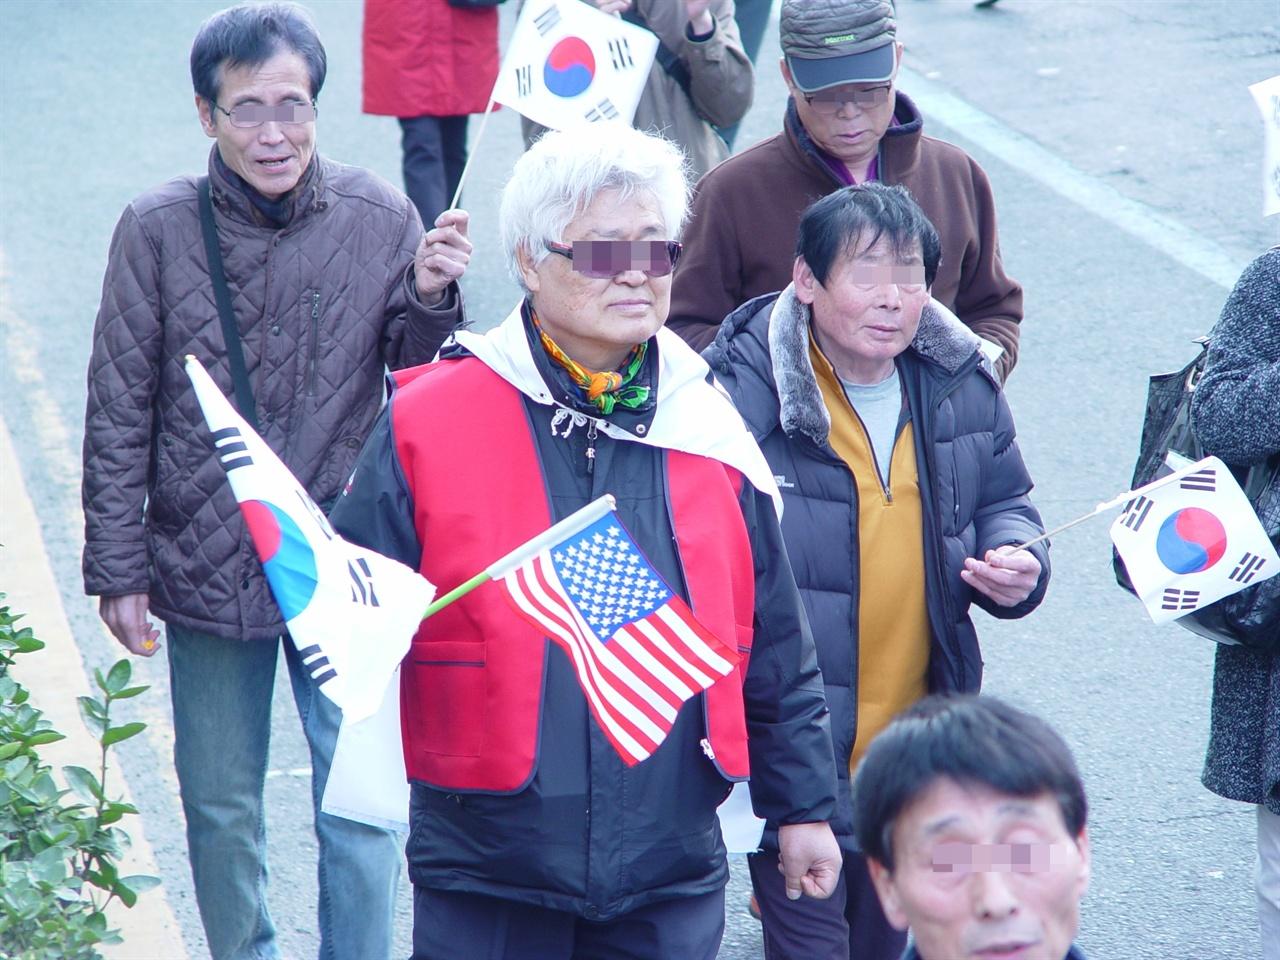 성조기를 들고 나온 시민들도 있었다.